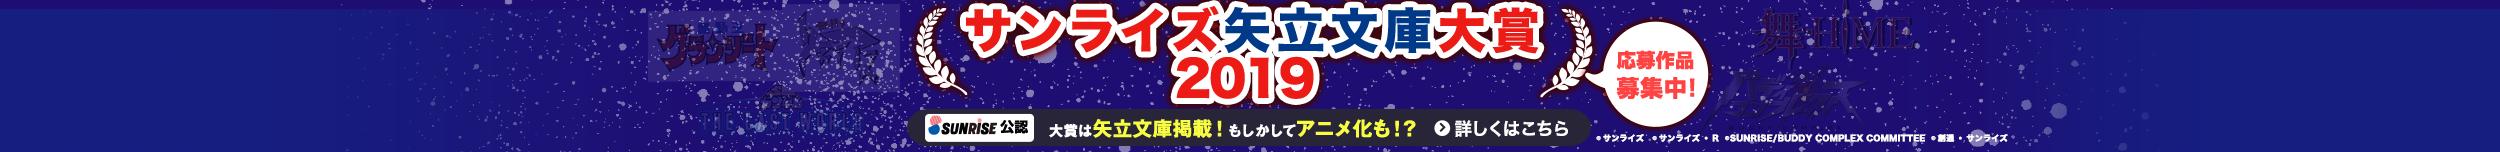 サンライズ矢立文庫大賞2019